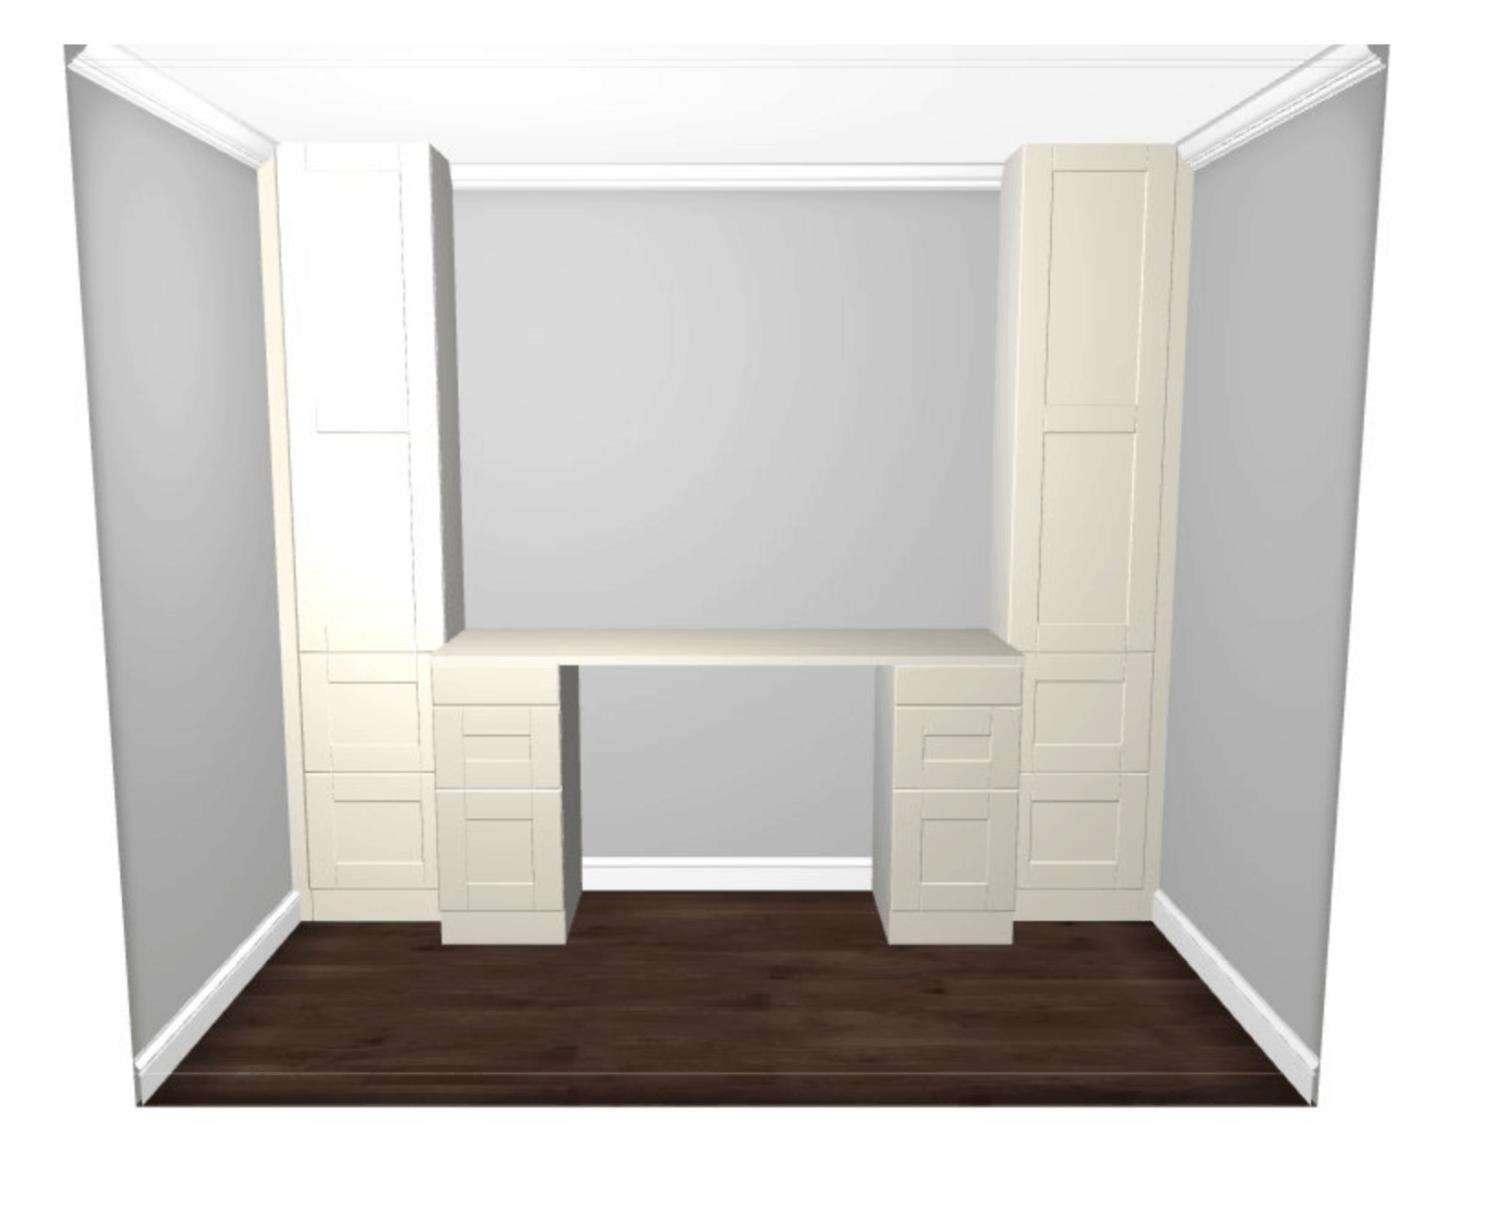 ikea sektion cabinet desk design mockup